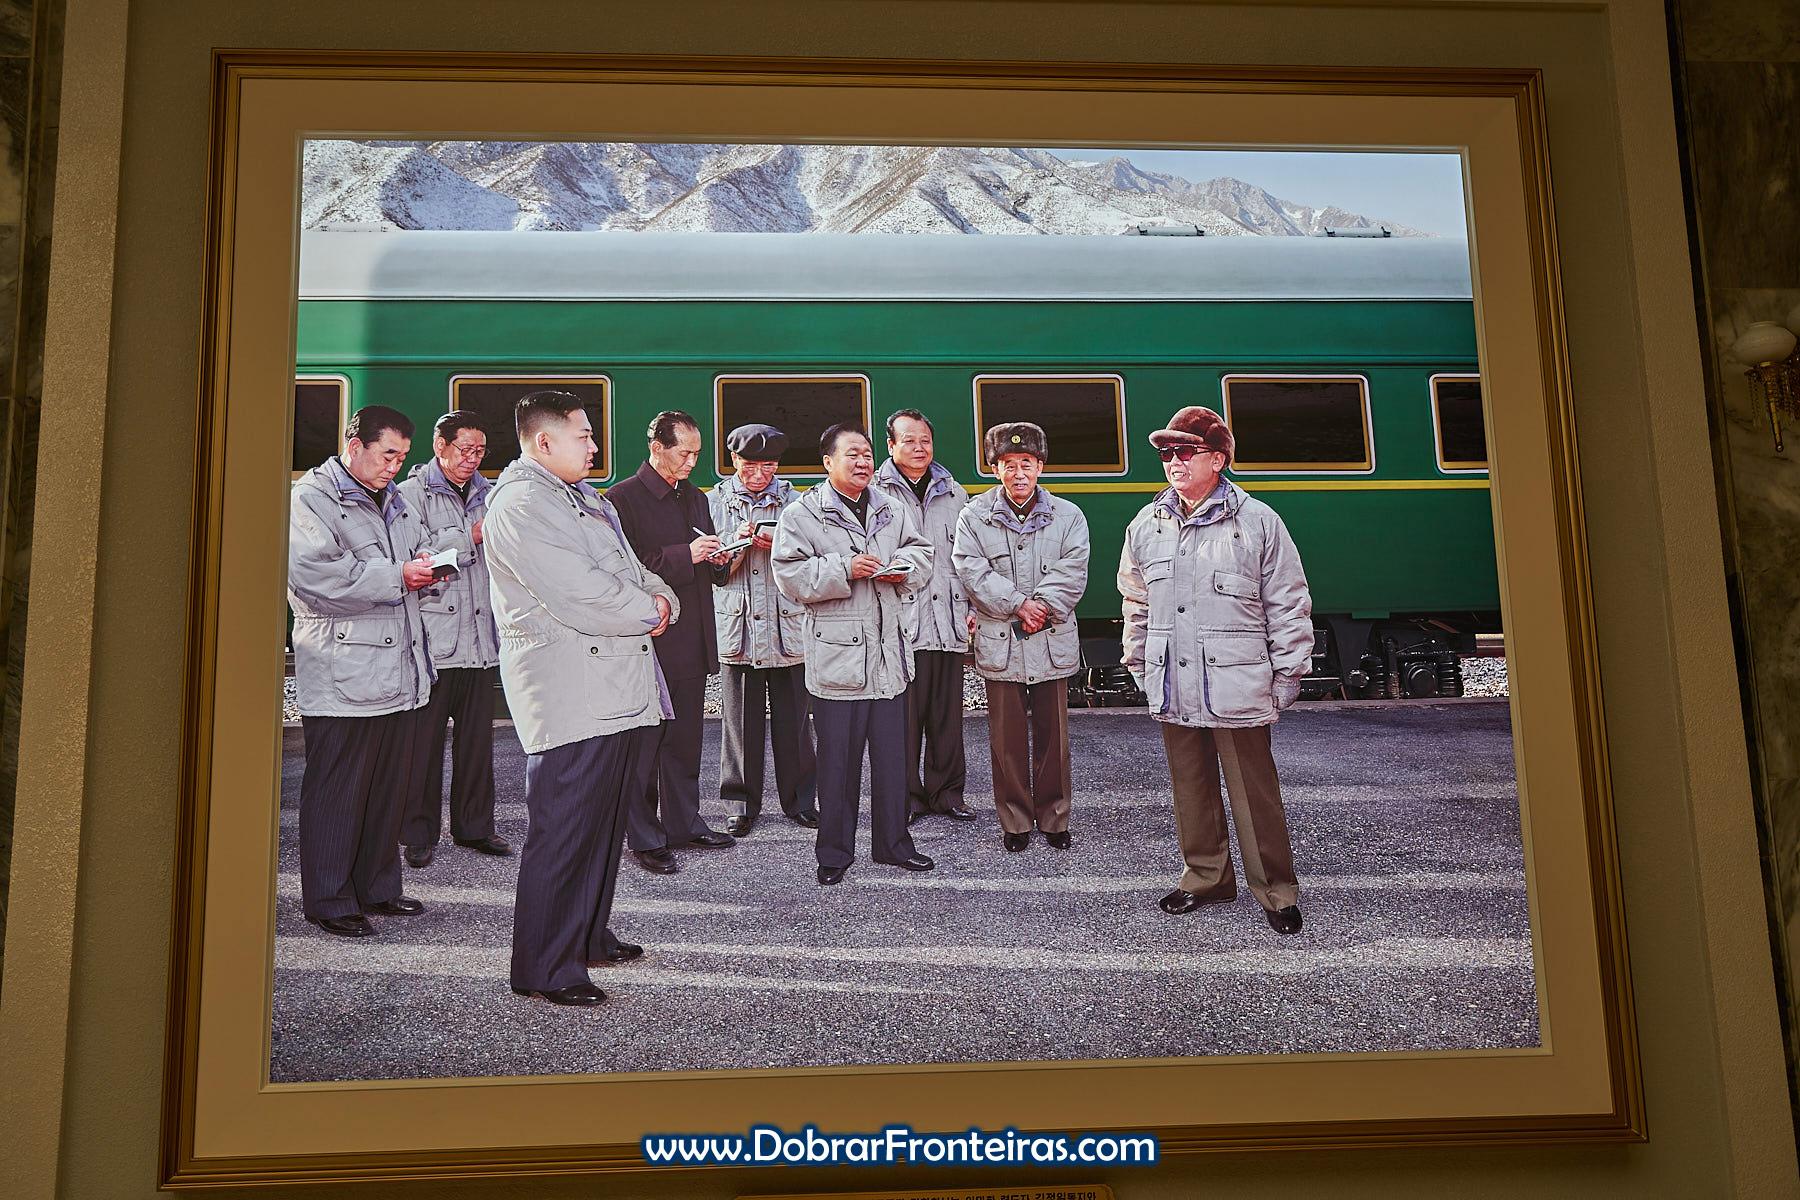 Fotografia de Kim Jung-Il e Kim Jung-Un junto de comboio